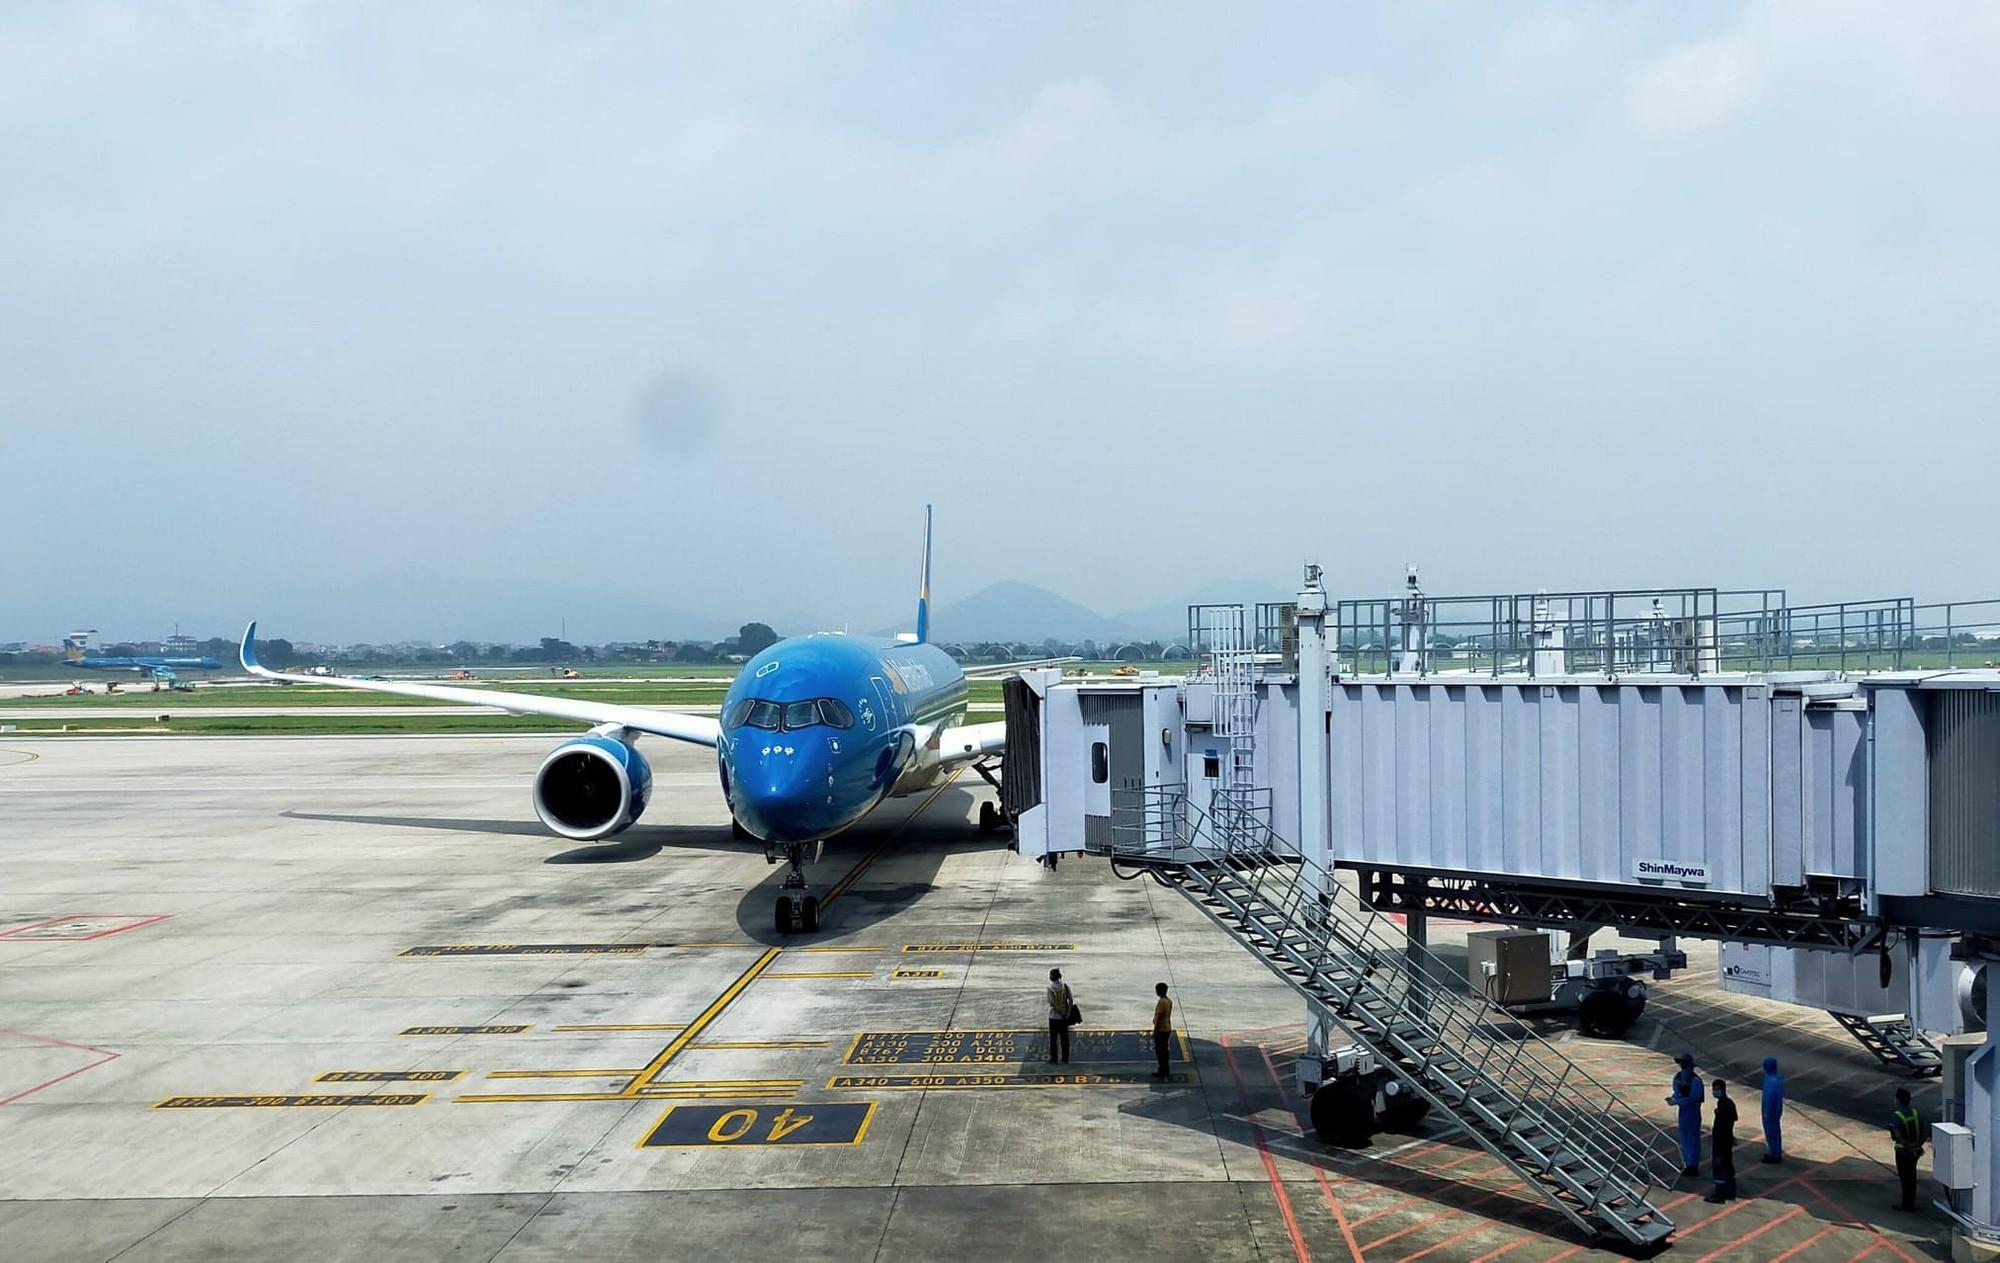 Máy bay TP HCM đi Đà Nẵng hạ cánh xuống Nha Trang do thời tiết xấu - Ảnh 1.